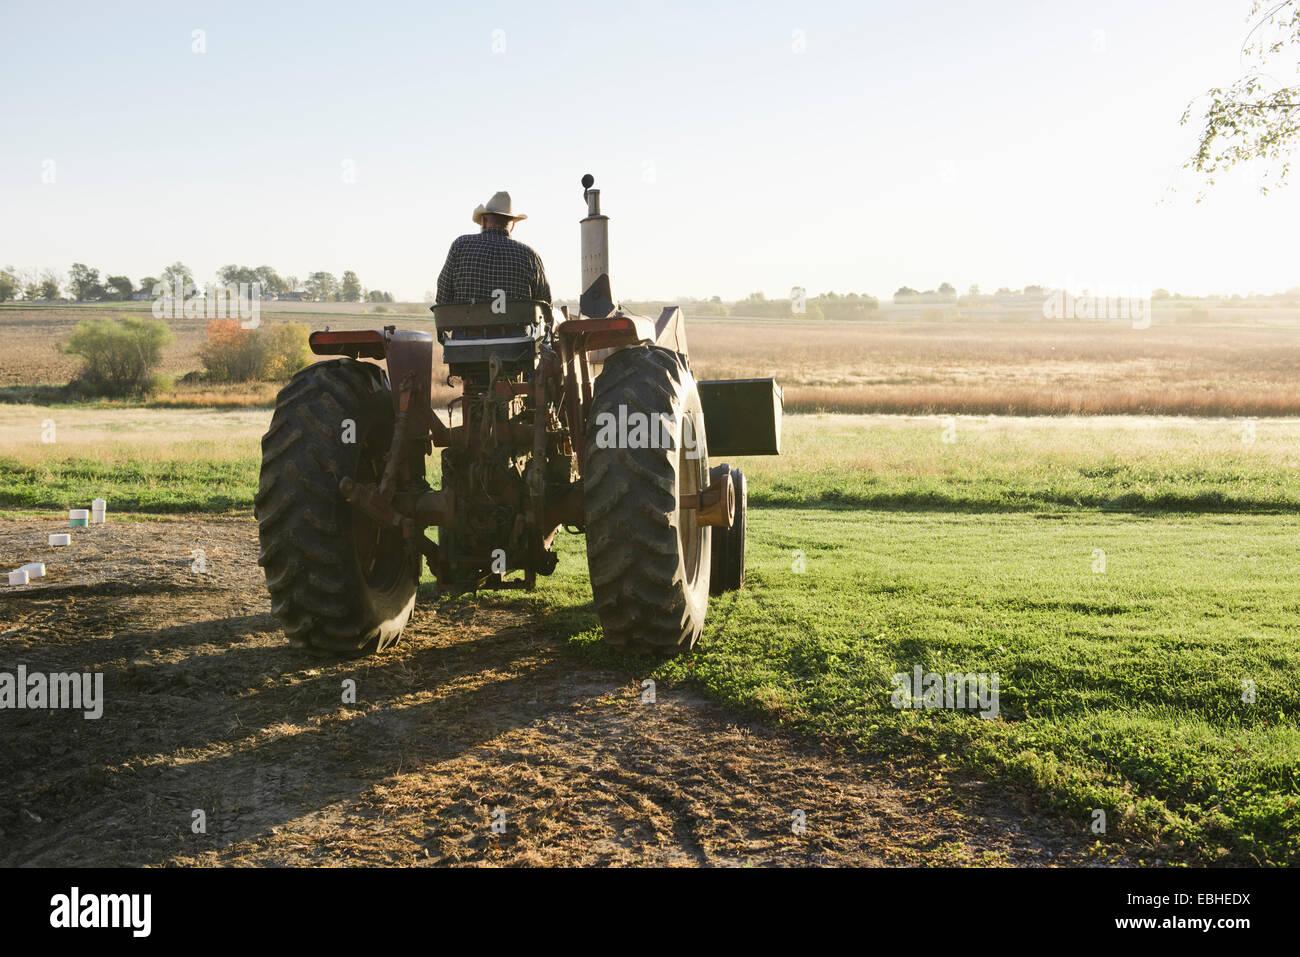 Vista posteriore del maschio anziano contadino di guidare il trattore nel campo, Plattsburg, Missouri, Stati Uniti Immagini Stock